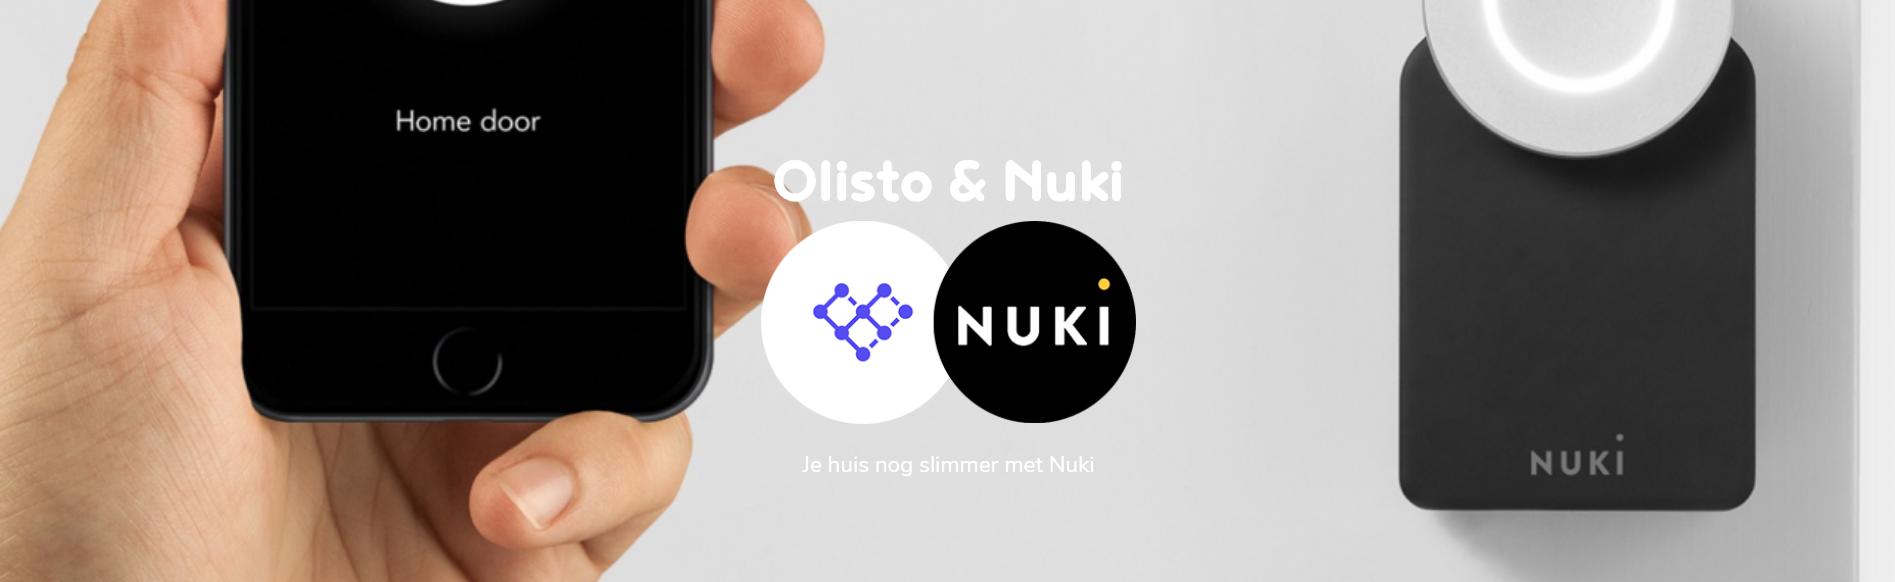 Nuki en Olisto